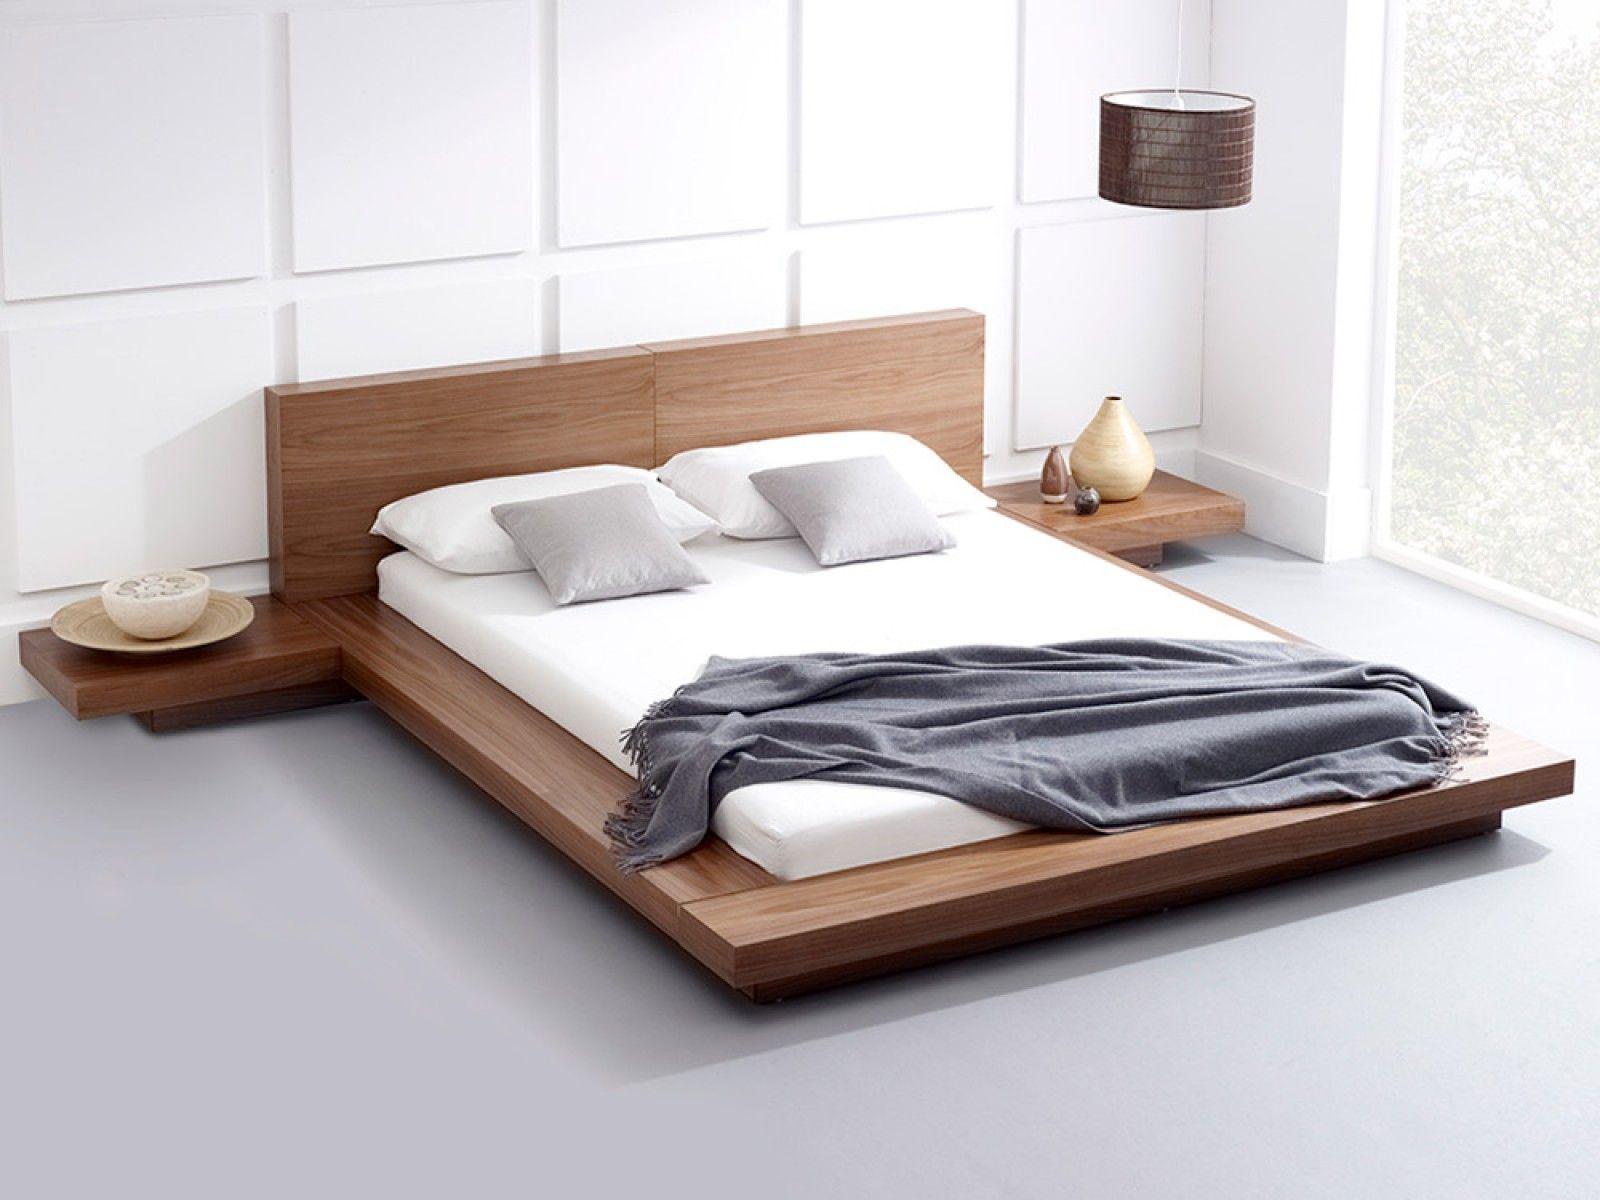 Best Contemporary Beds Platform Beds Wooden Beds Modern 400 x 300